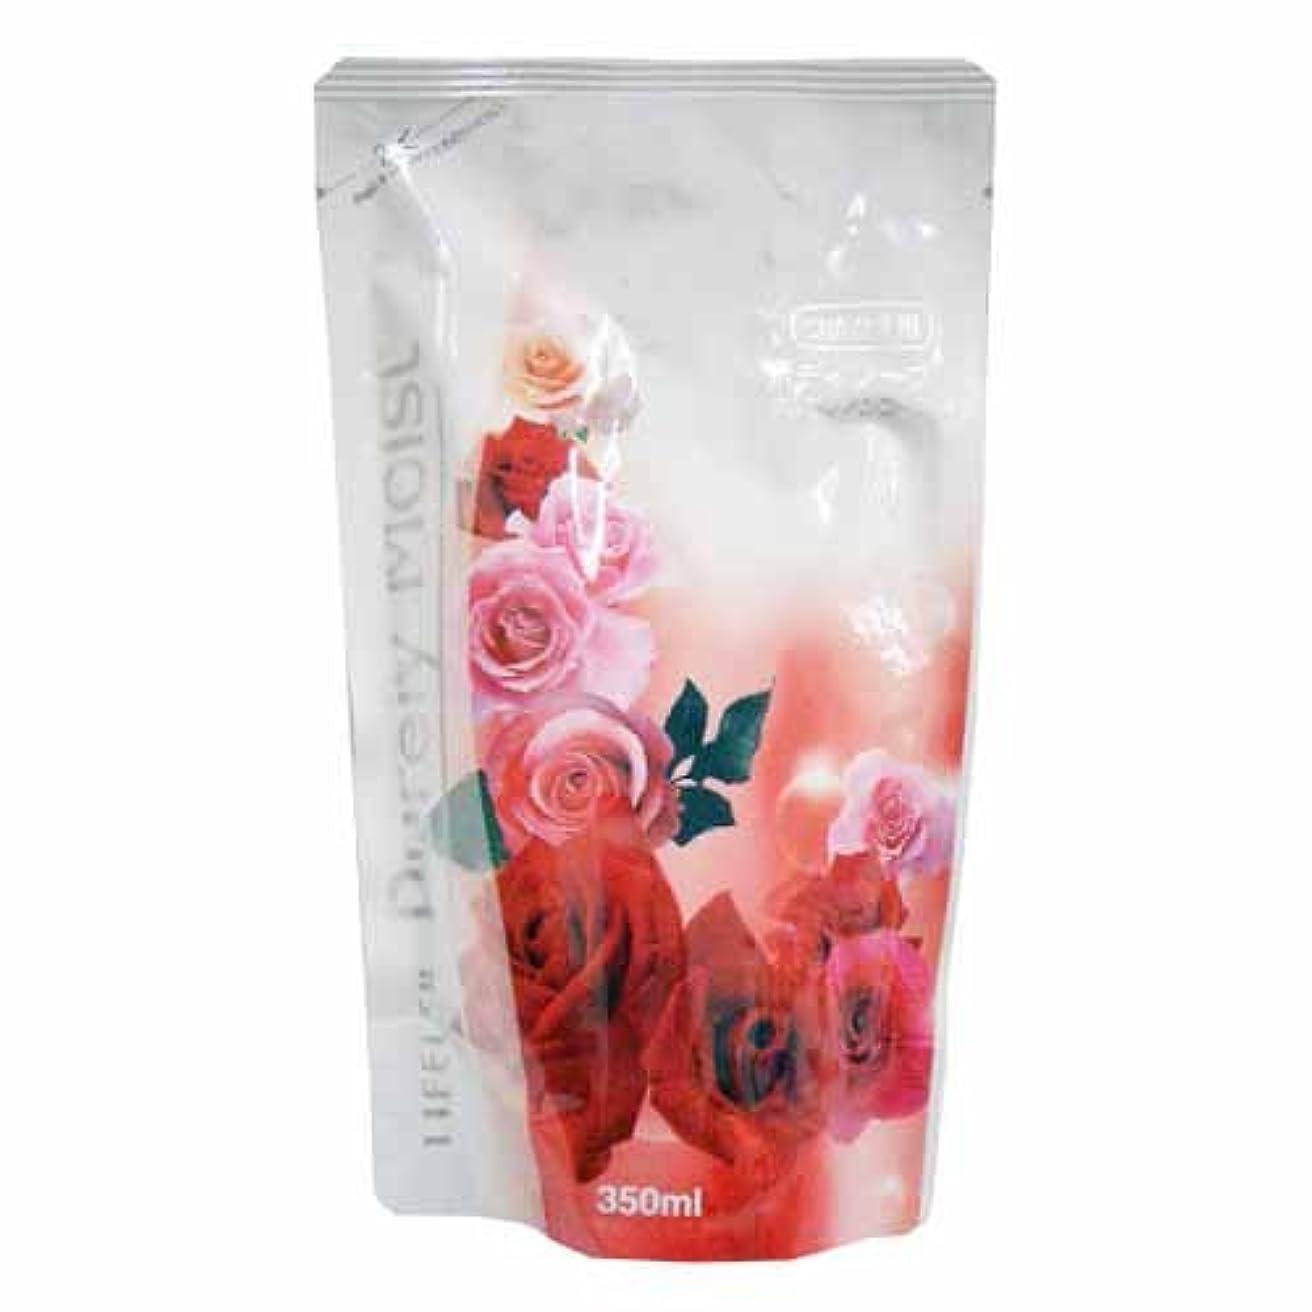 テロリスト散る閲覧するコーナンオリジナル Purely Moist ボディソープ ブルガリアンローズの香り つめかえ用 350ml